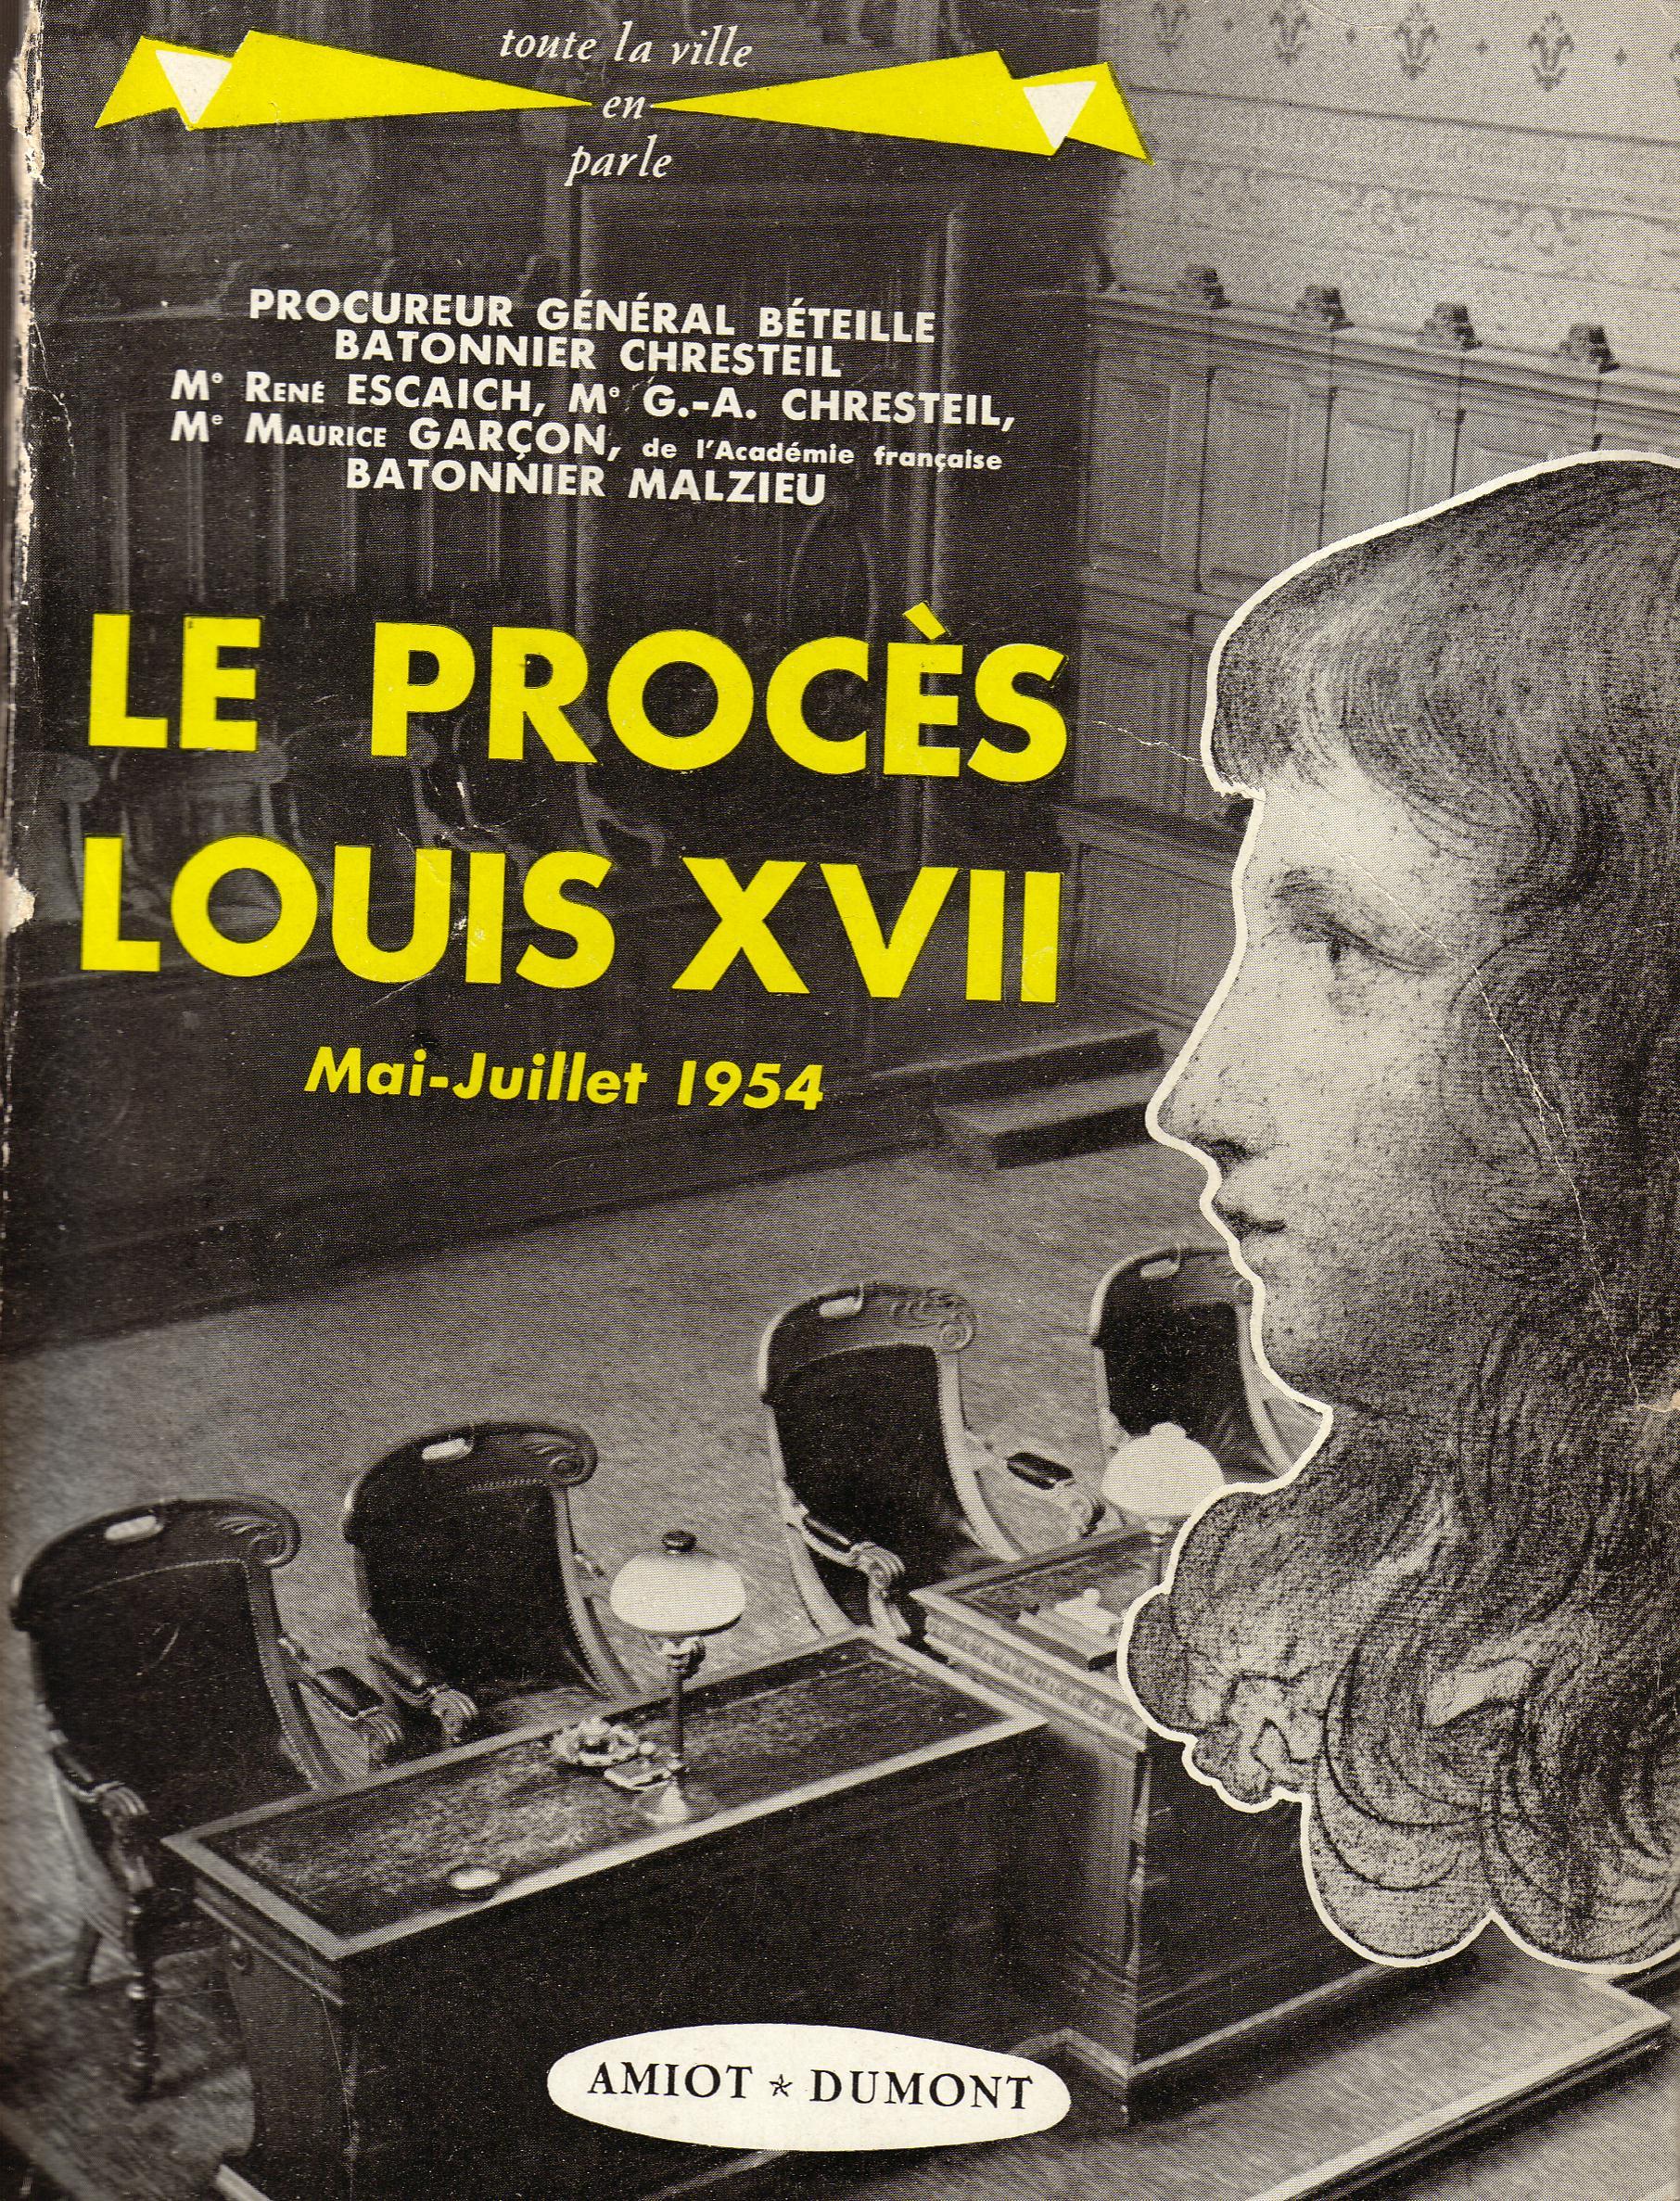 Le procès Louis XVII